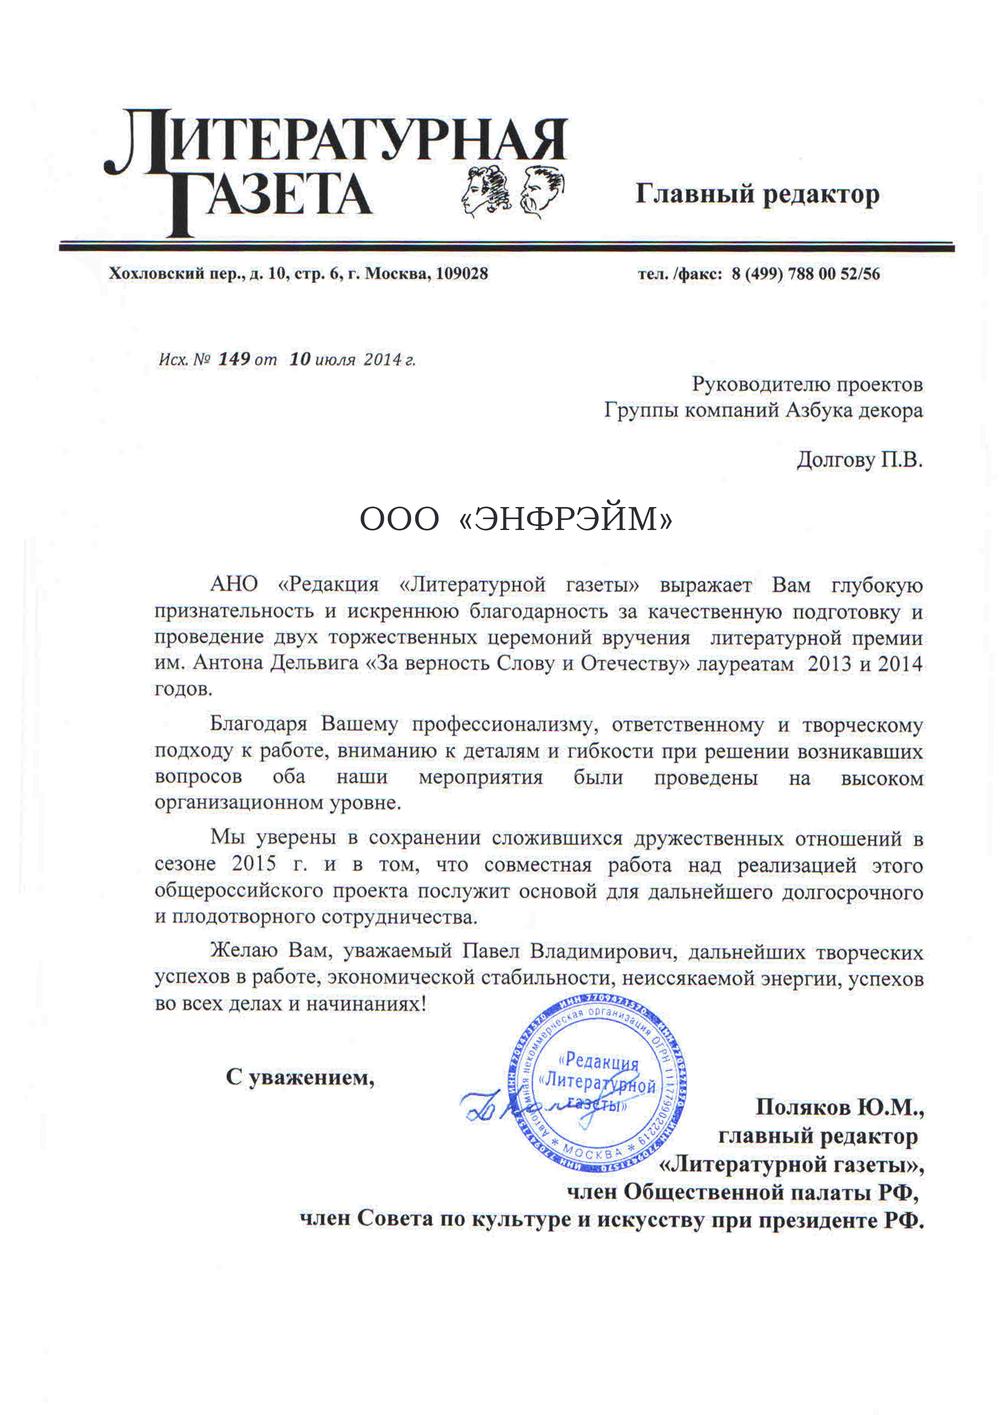 """Благодарность от """"Литературной газеты"""""""